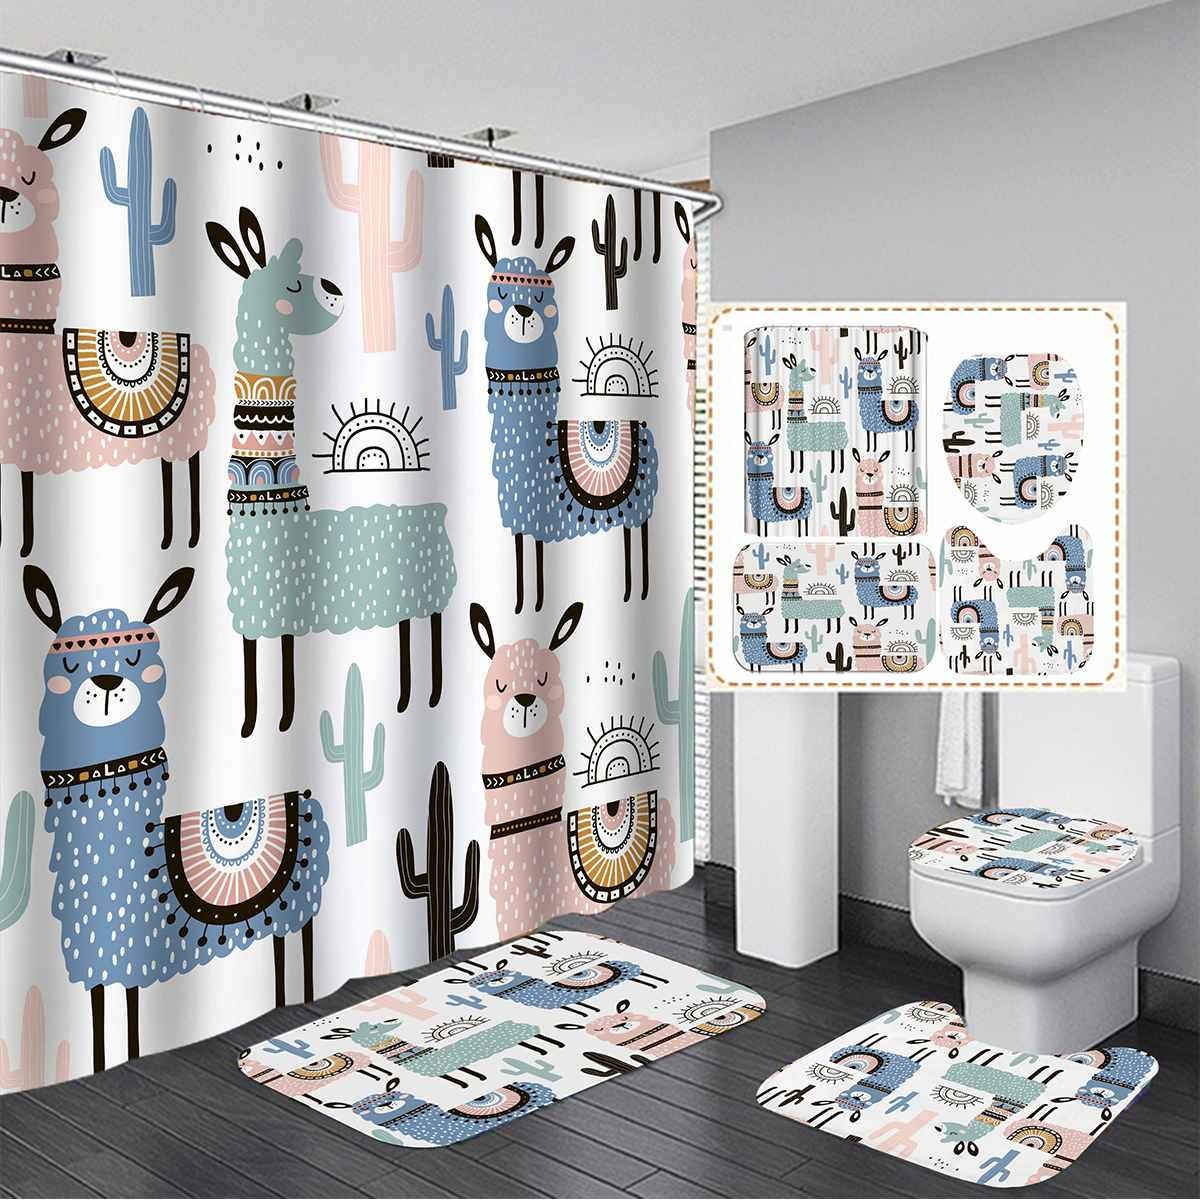 Dibujo de Alpaca Animal cortina para bañera o ducha 3 uds conjuntos de alfombrilla de baño antideslizante alfombra de baño cubierta de inodoro cocina alfombra decoración de baño